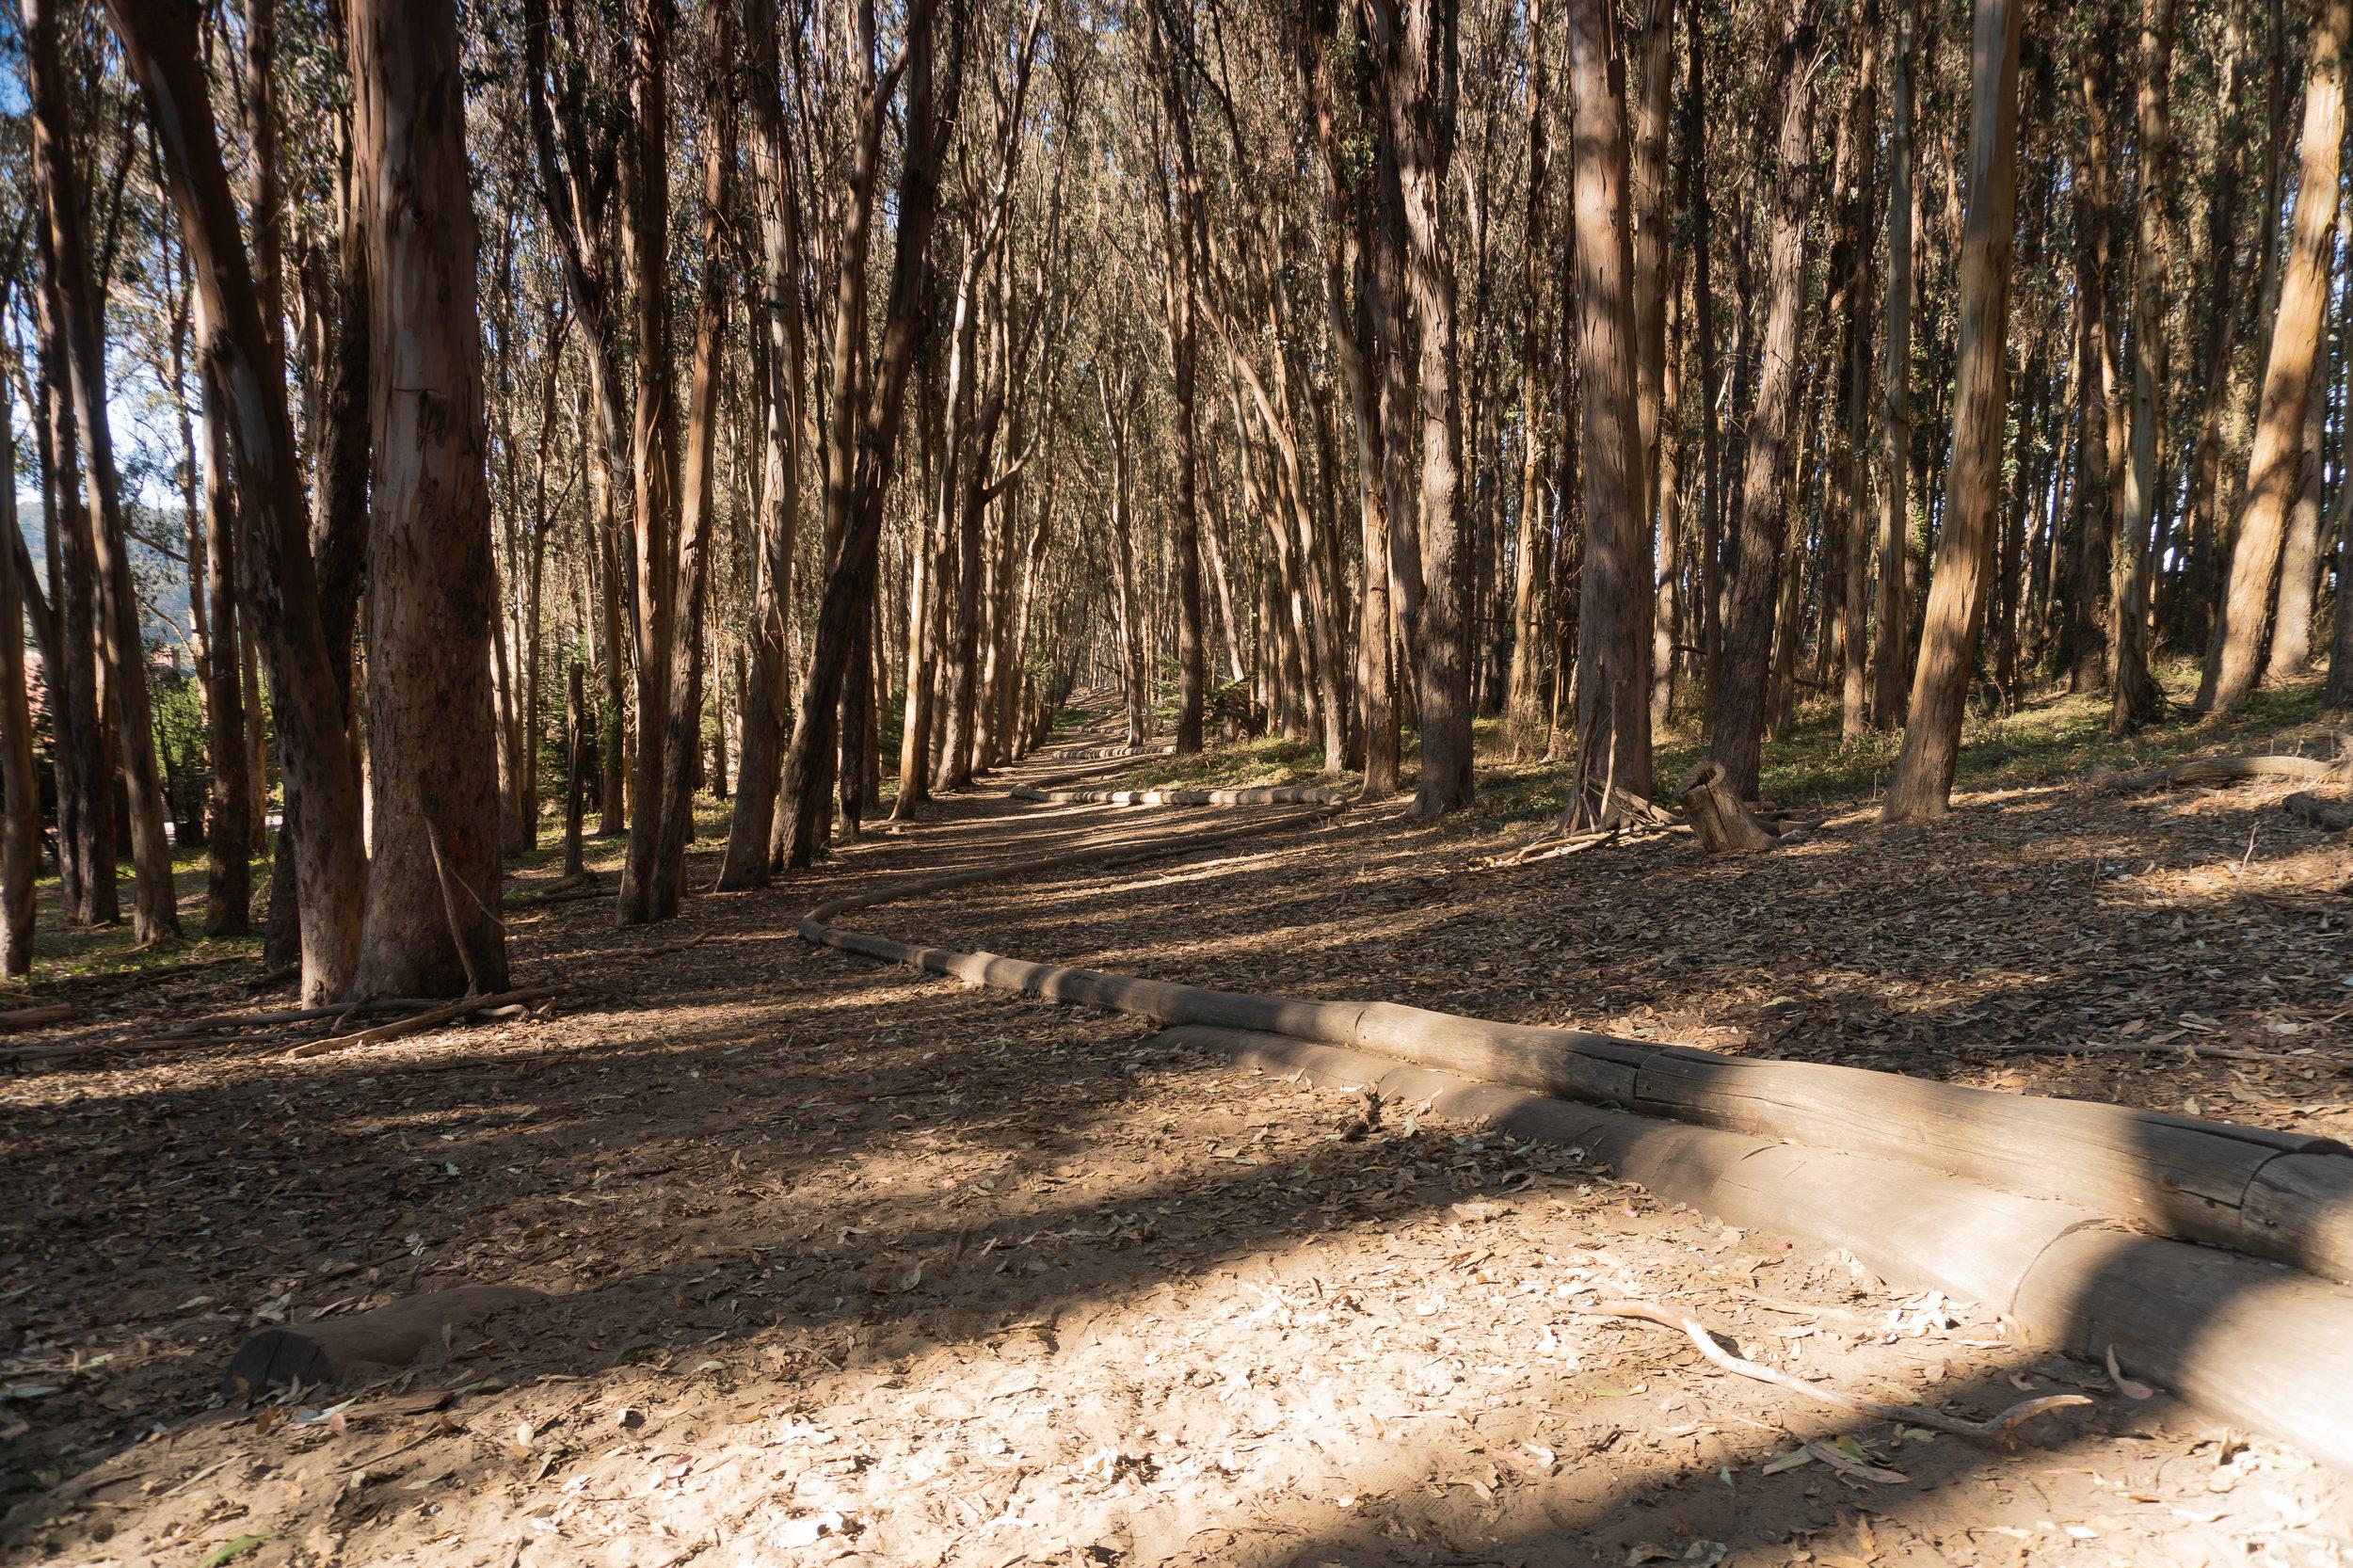 Wood Line, created 2010-2011